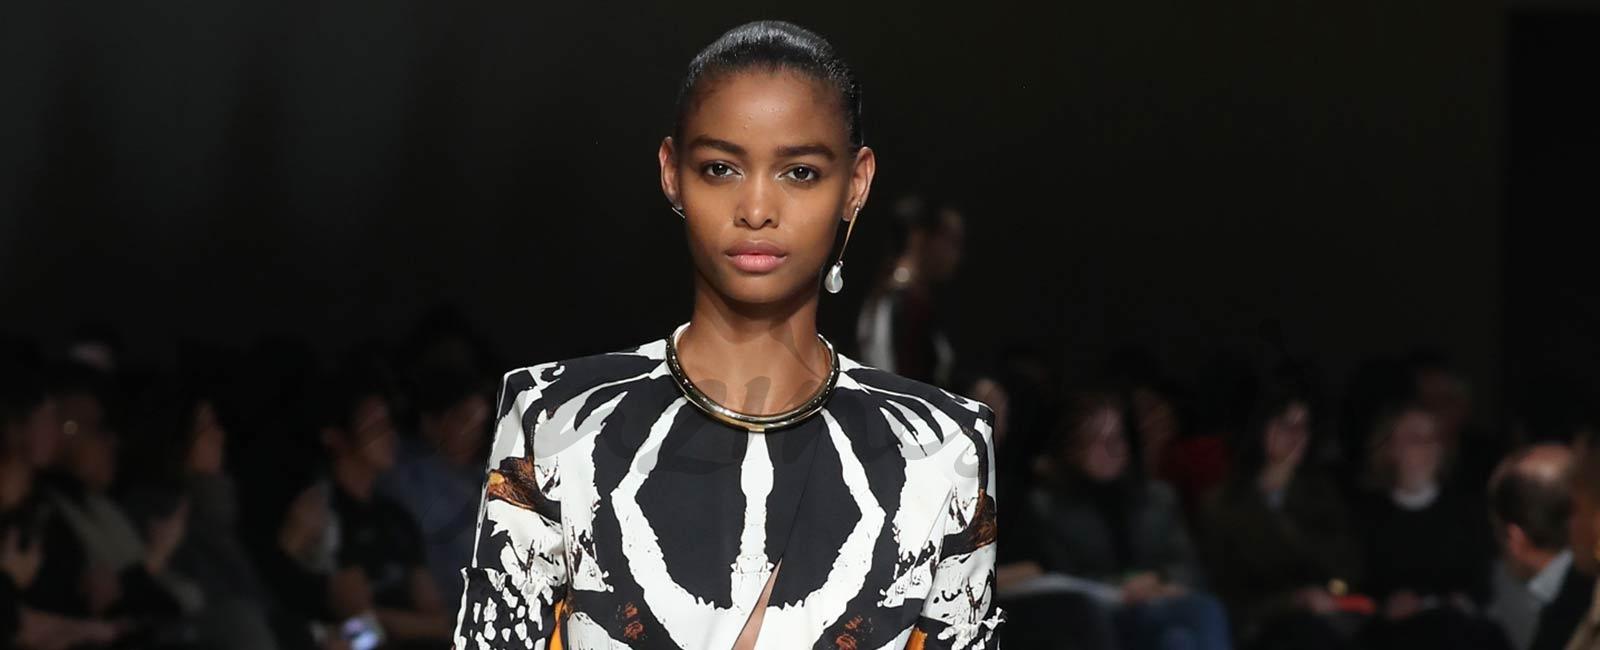 París Fashion Week: Alexander McQueen Otoño-Invierno 2018/2019